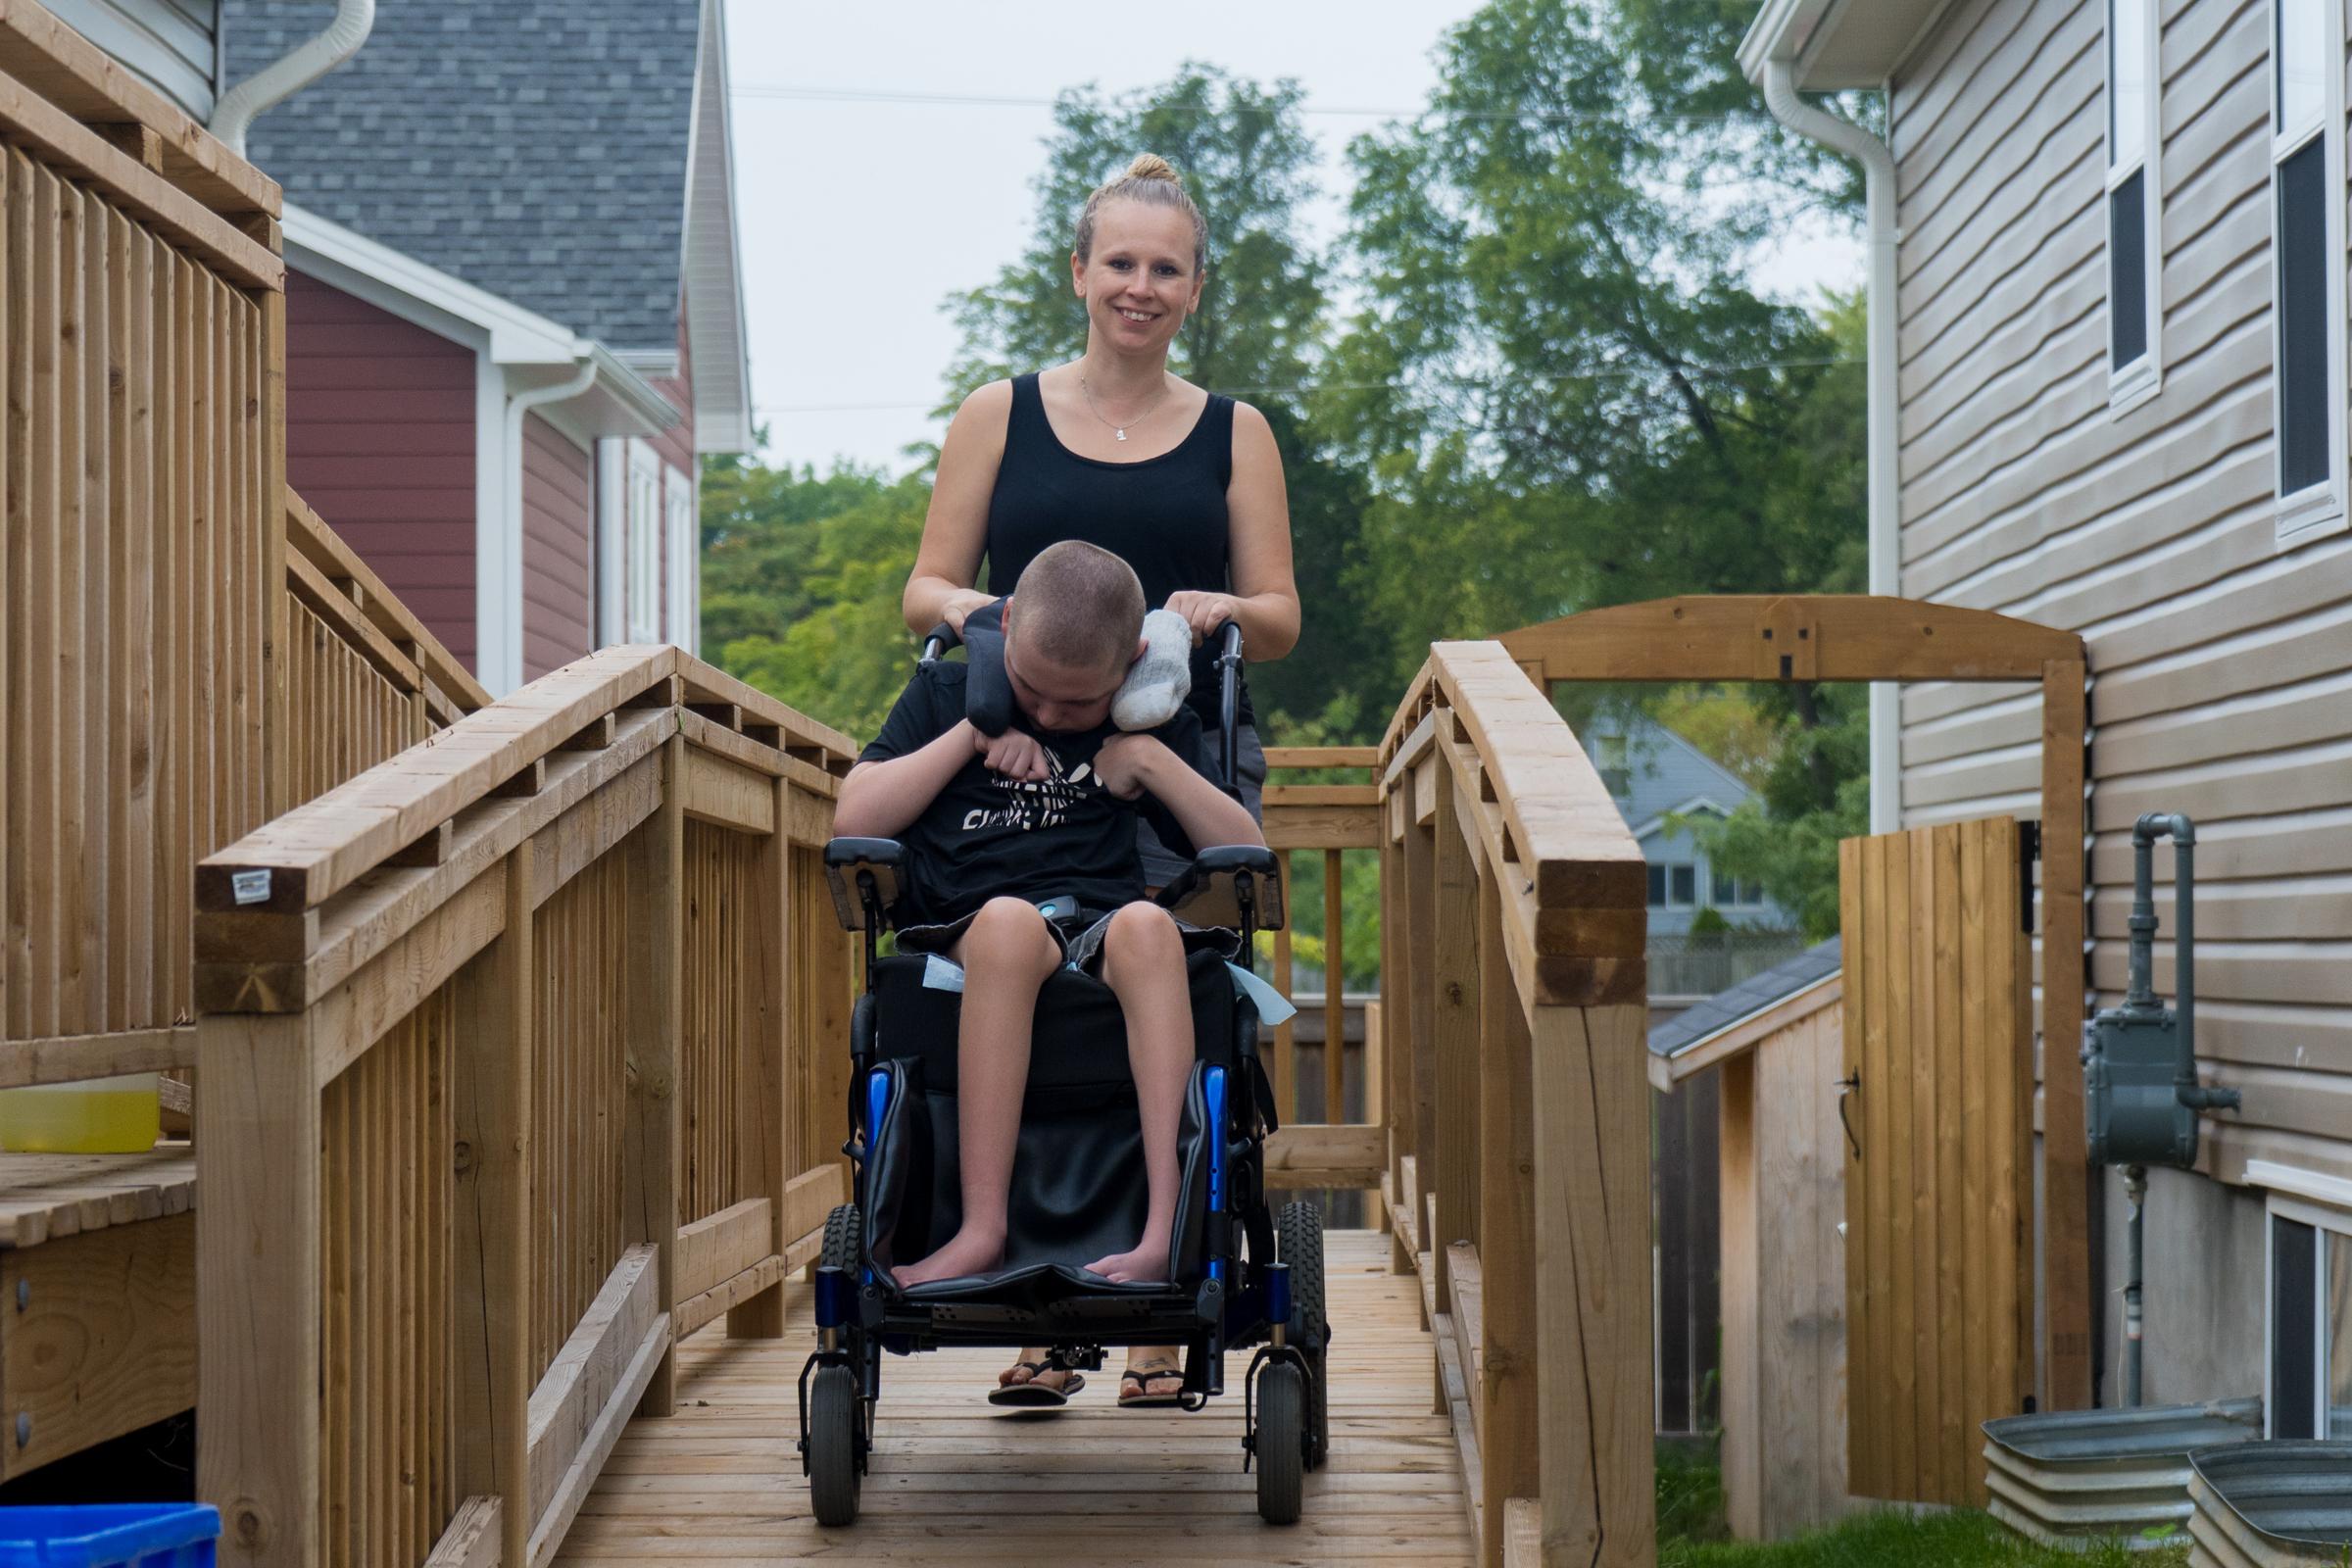 Brianne taking her son Brayden down the wheelchair ramp on their Habitat home.